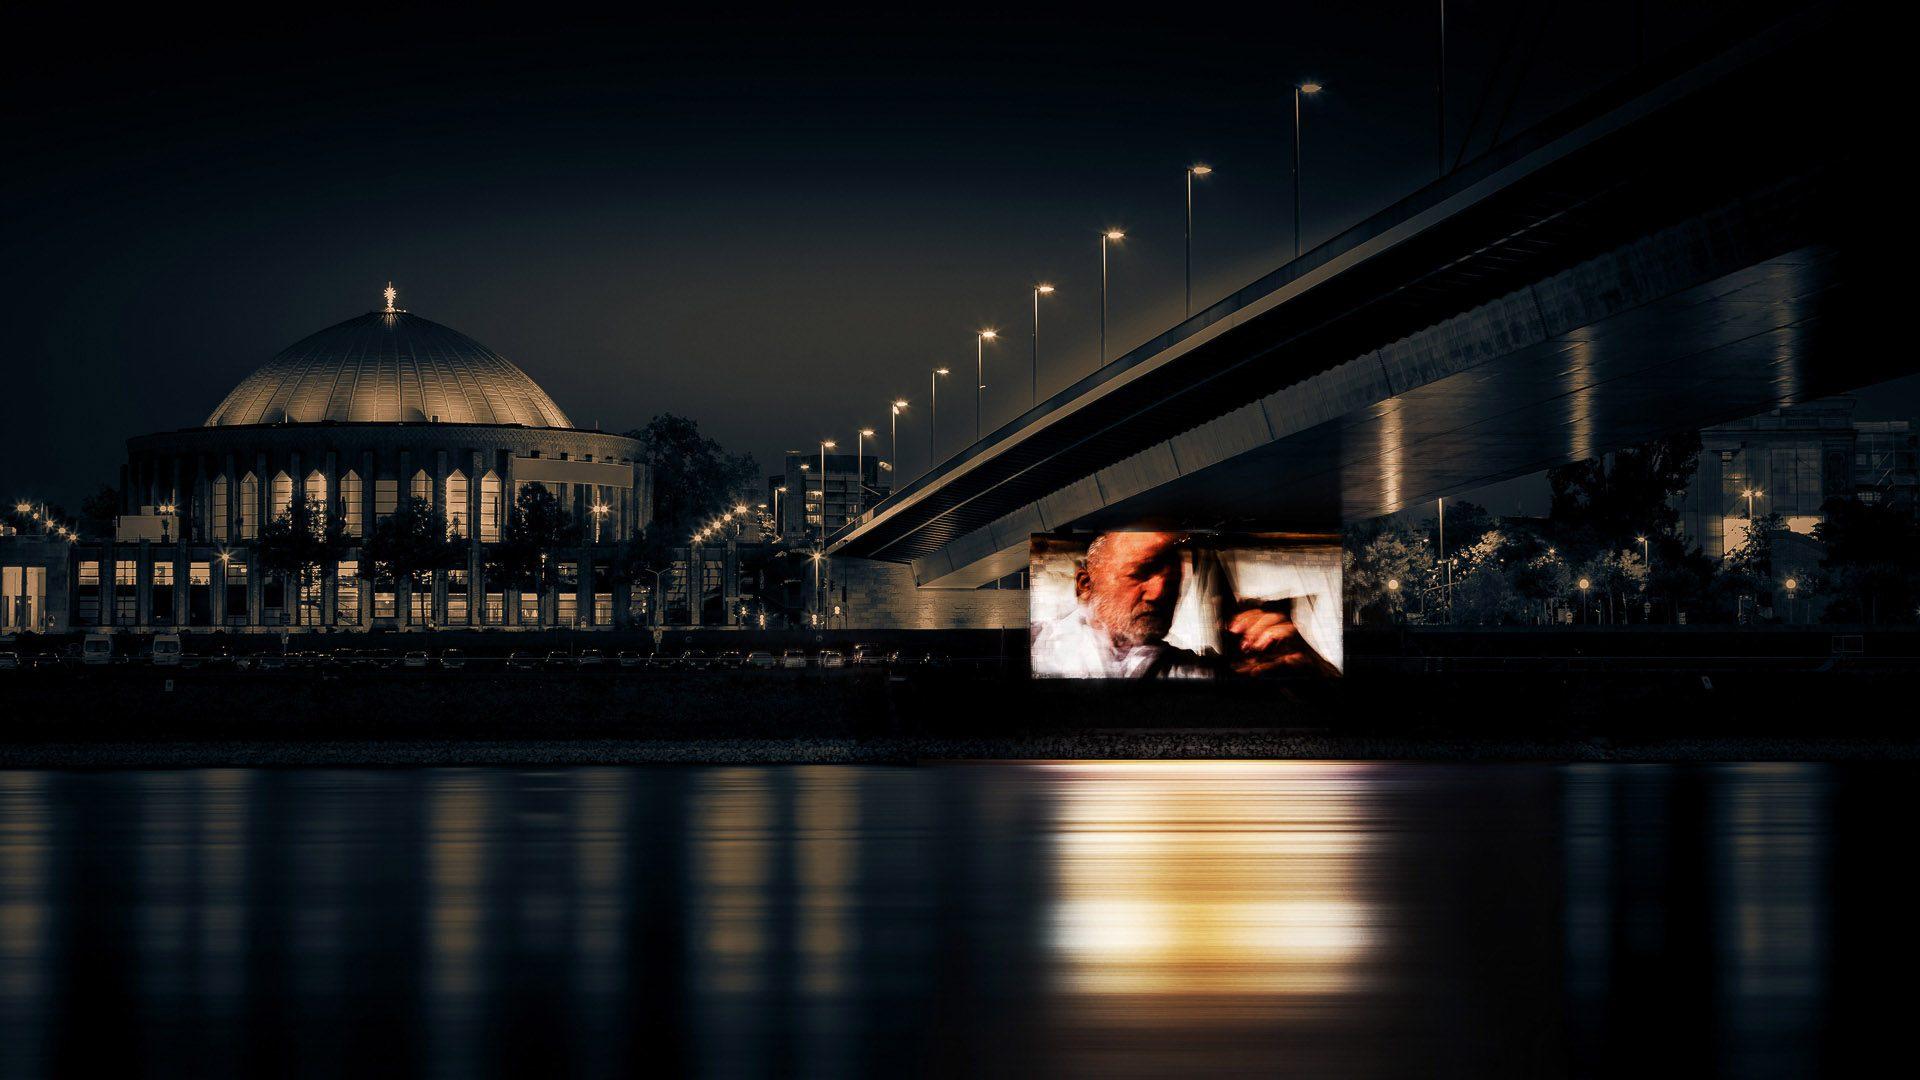 Projection on a pylon of the Oberkasseler Rhine bridge in Düsseldorf